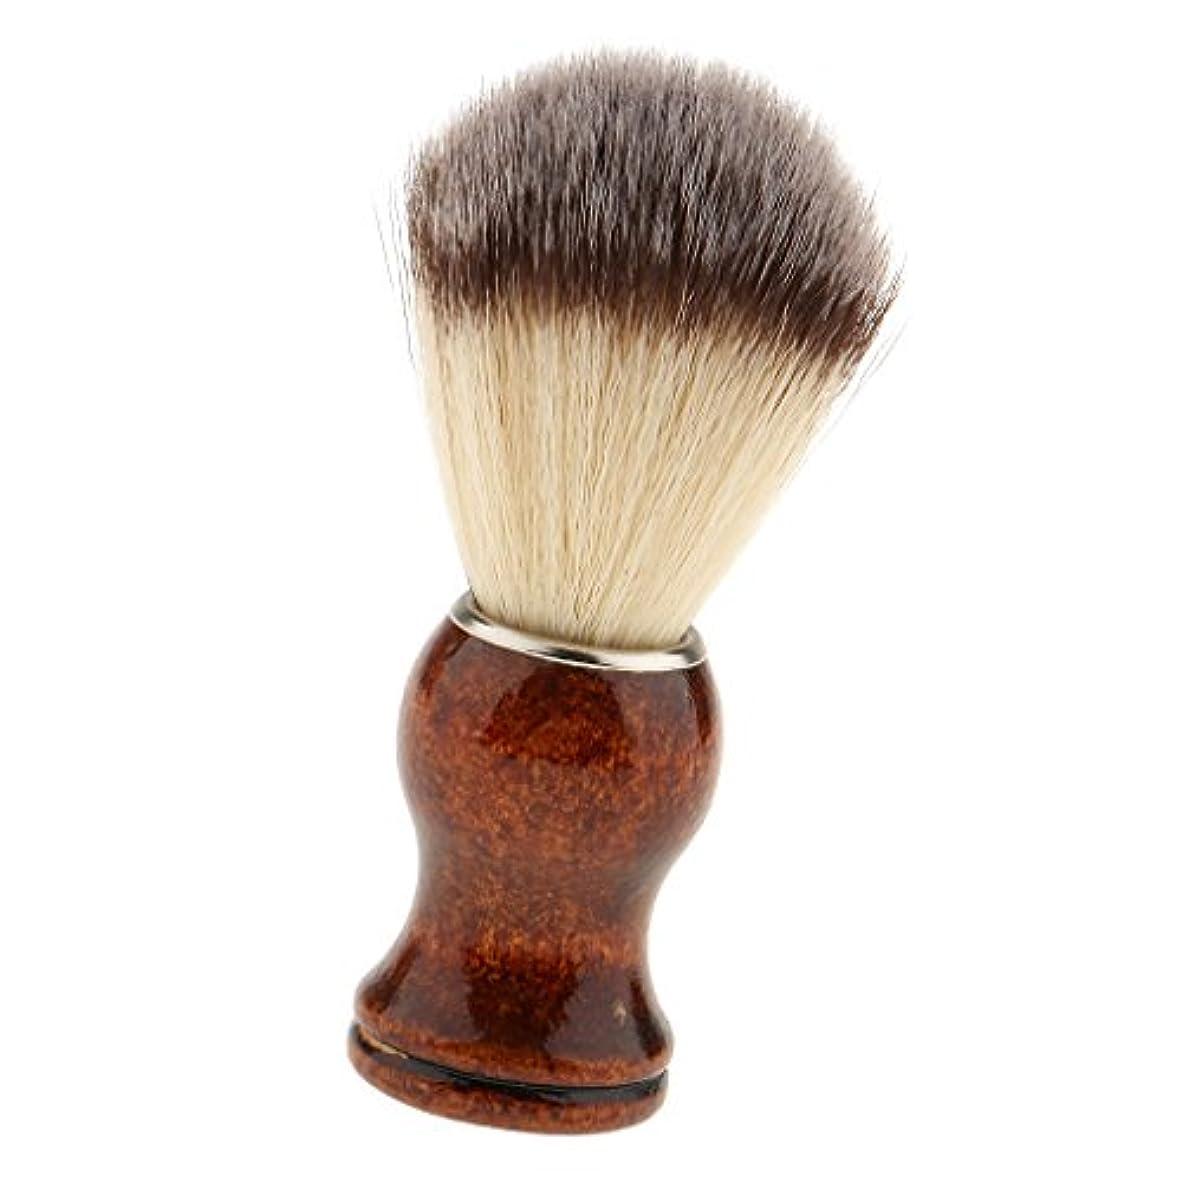 ズーム根拠話Fenteer サロン ひげブラシ シェービングブラシ メンズ用 ナイロン  理髪用  快適 首/顔 散髪整理 泡たてやすい